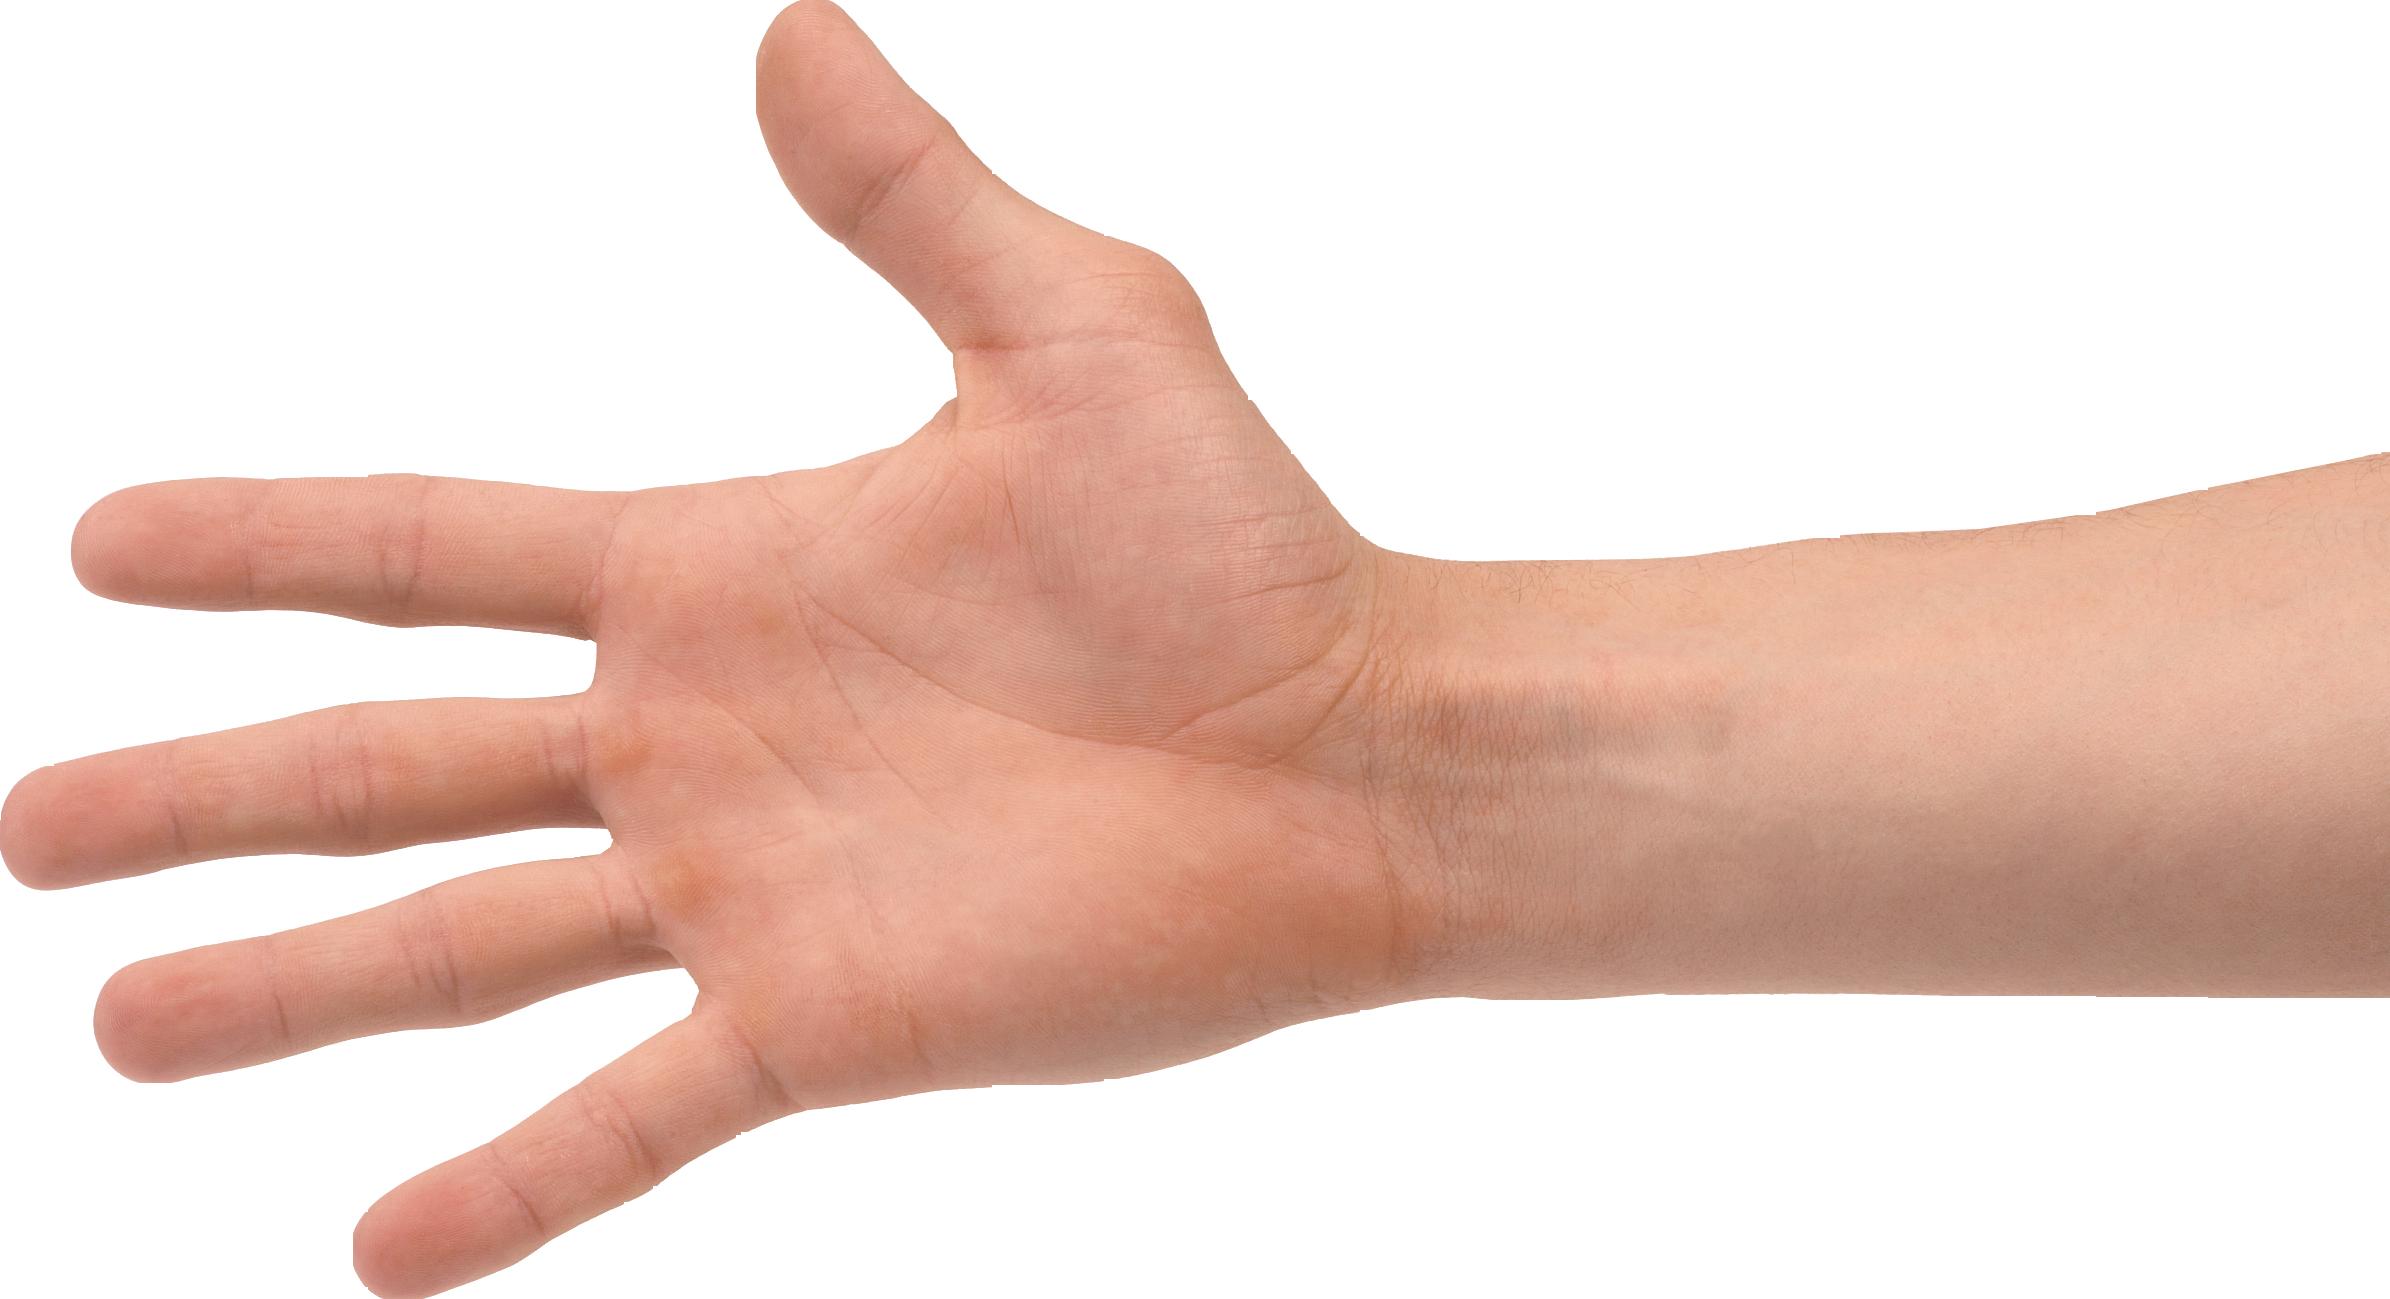 Four Finger Hand Png Image Tattoo Set Finger Hands Finger